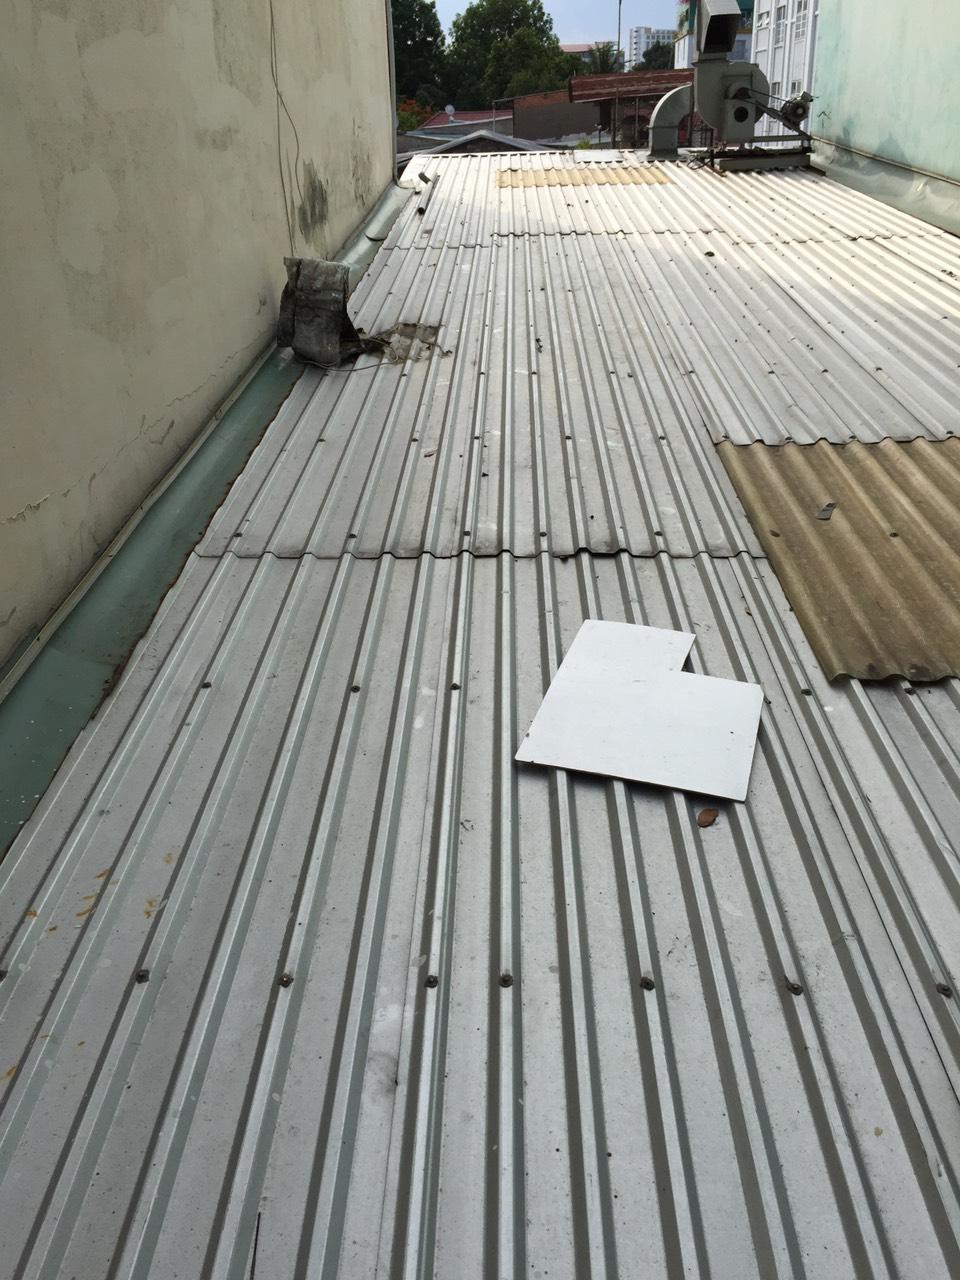 lợp mái tôn giá rẻ tphcm chống dột mái tôn làm mái tôn lắp mái tôn 0368115251